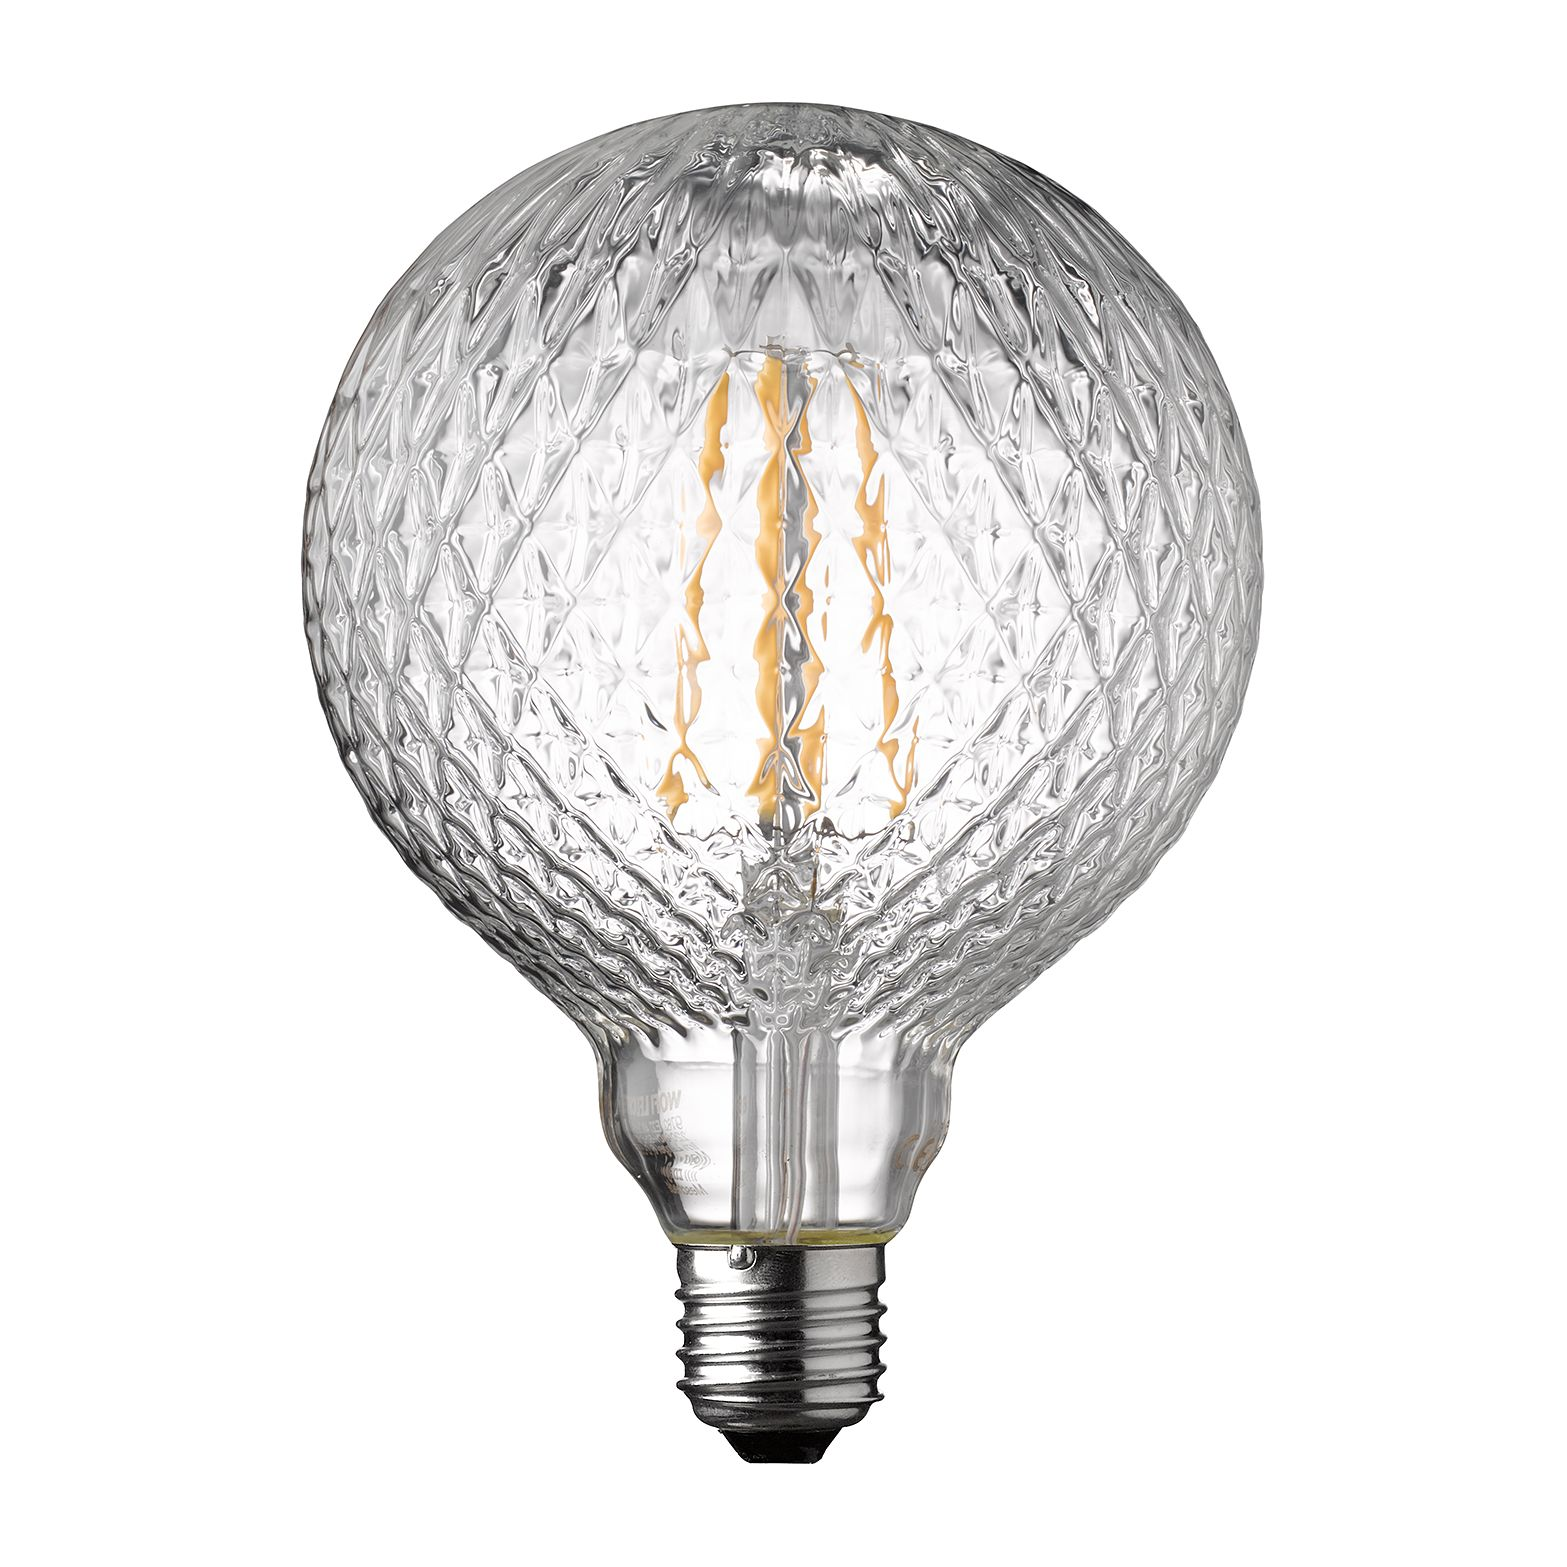 LED Leuchtmittel Finn IV kaufen   home24